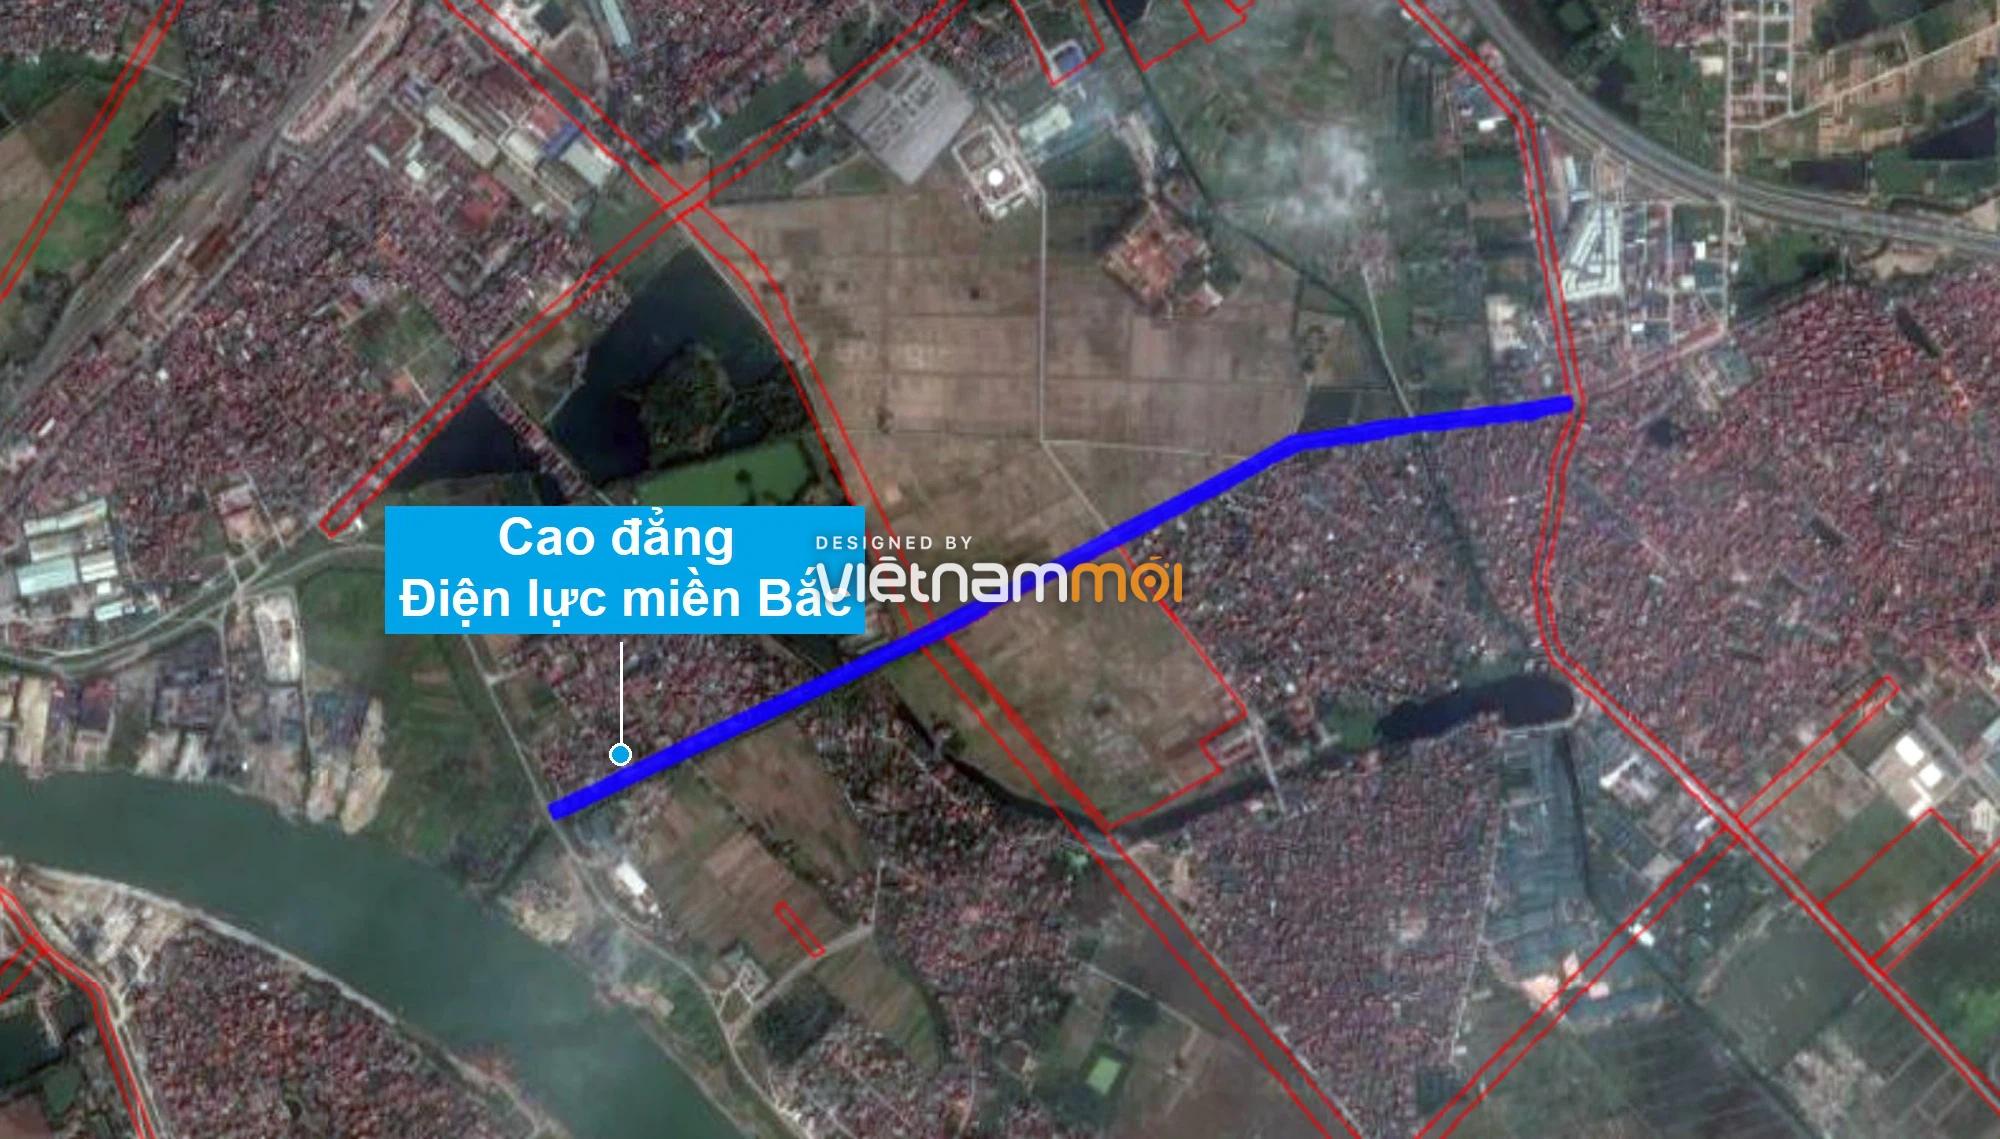 Những khu đất sắp thu hồi để mở đường ở huyện Gia Lâm, Hà Nội (phần 1) - Ảnh 10.